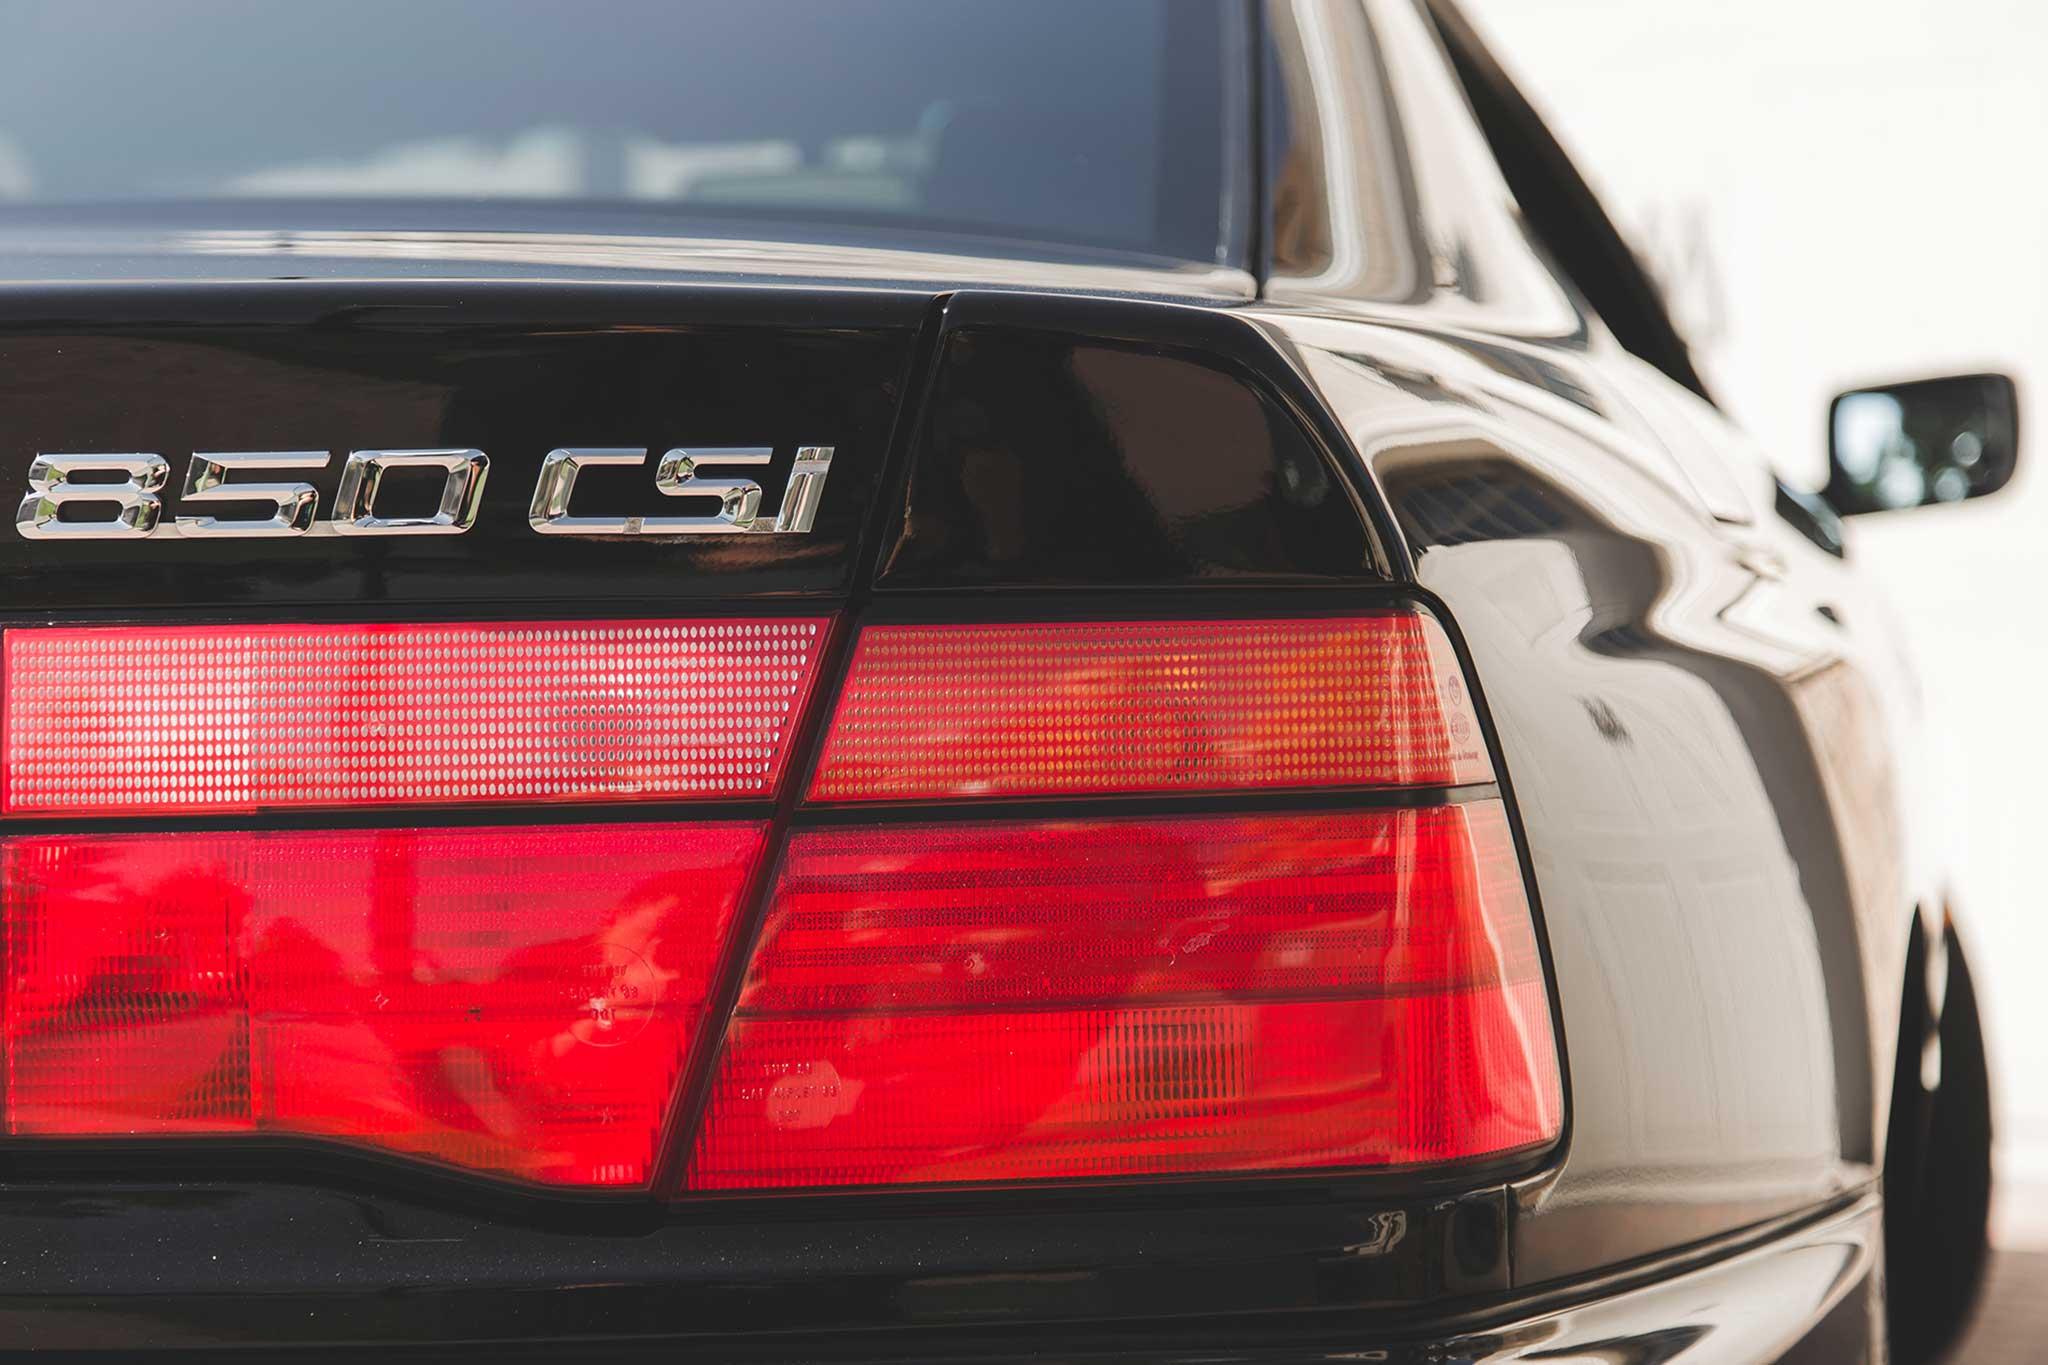 1994-BMW-850CSi-badge-02.jpg